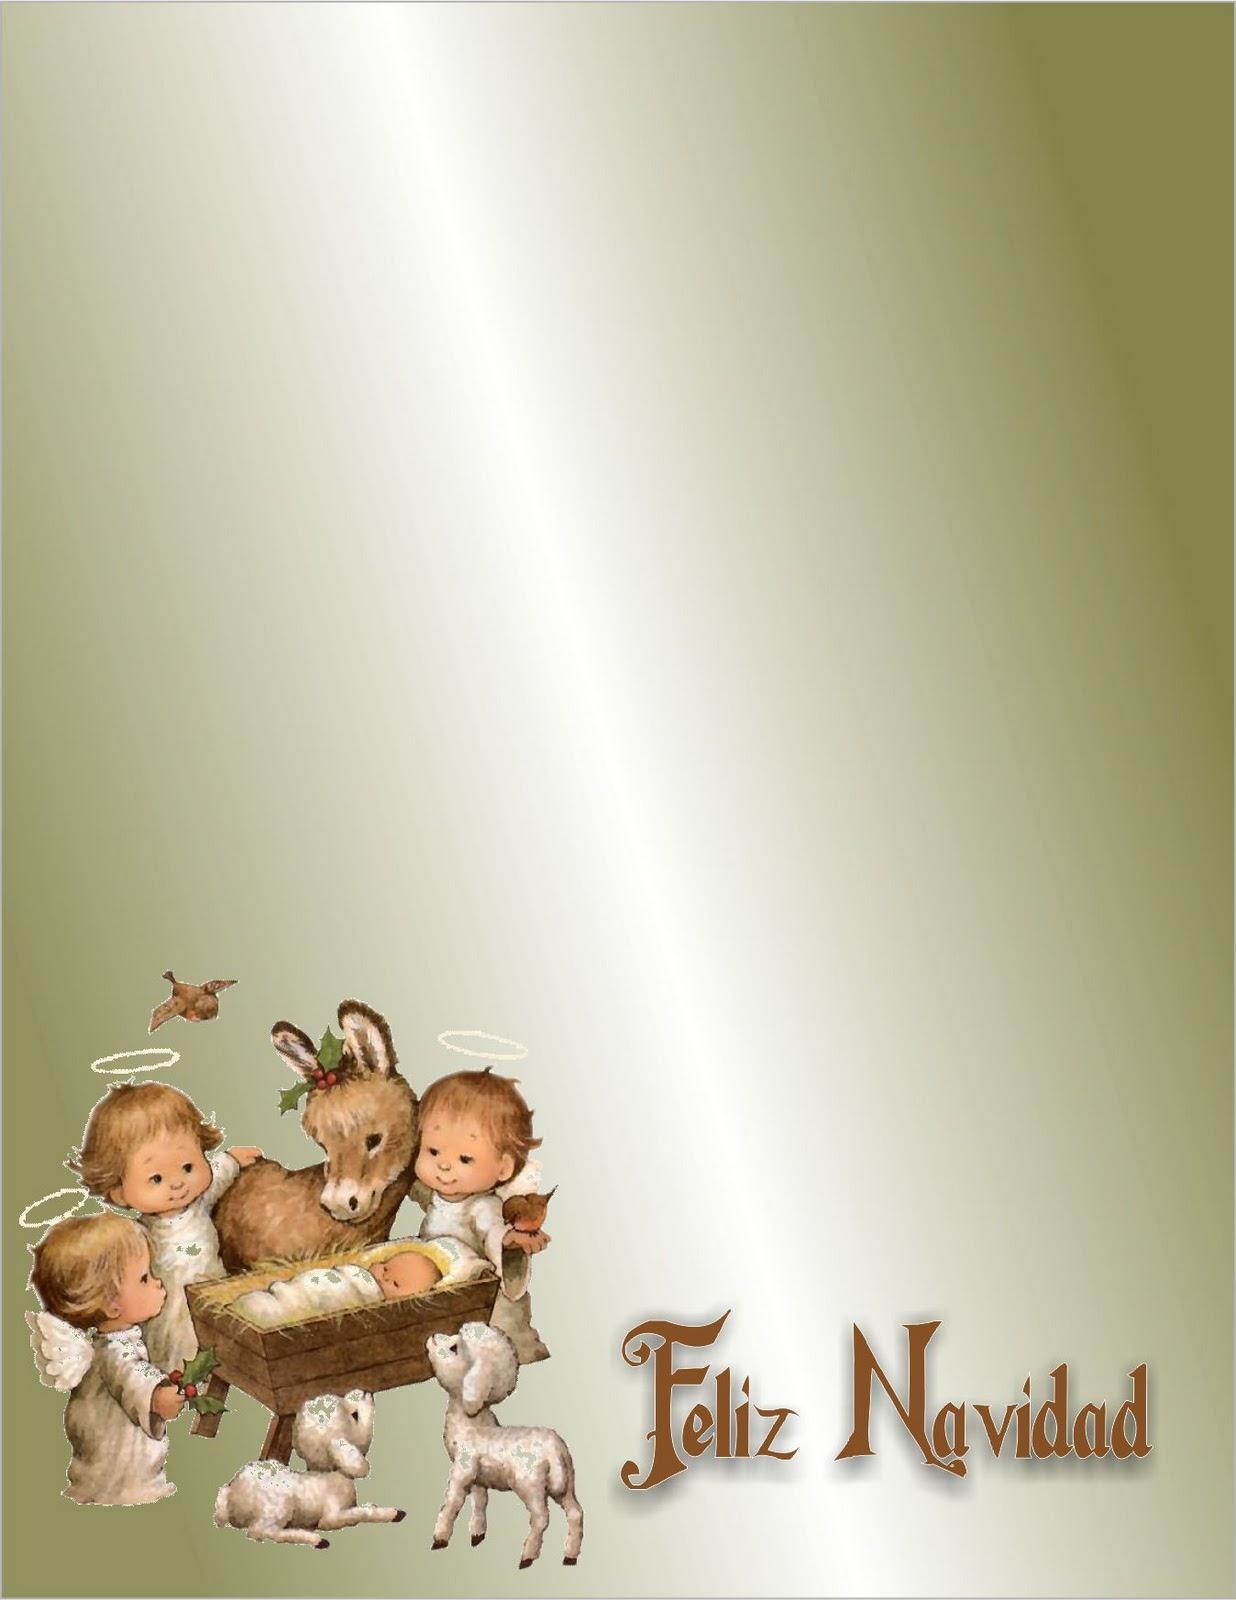 Tarjetas y oraciones catolicas tarjetas navide as sin - Tarjetas navidenas cristianas ...